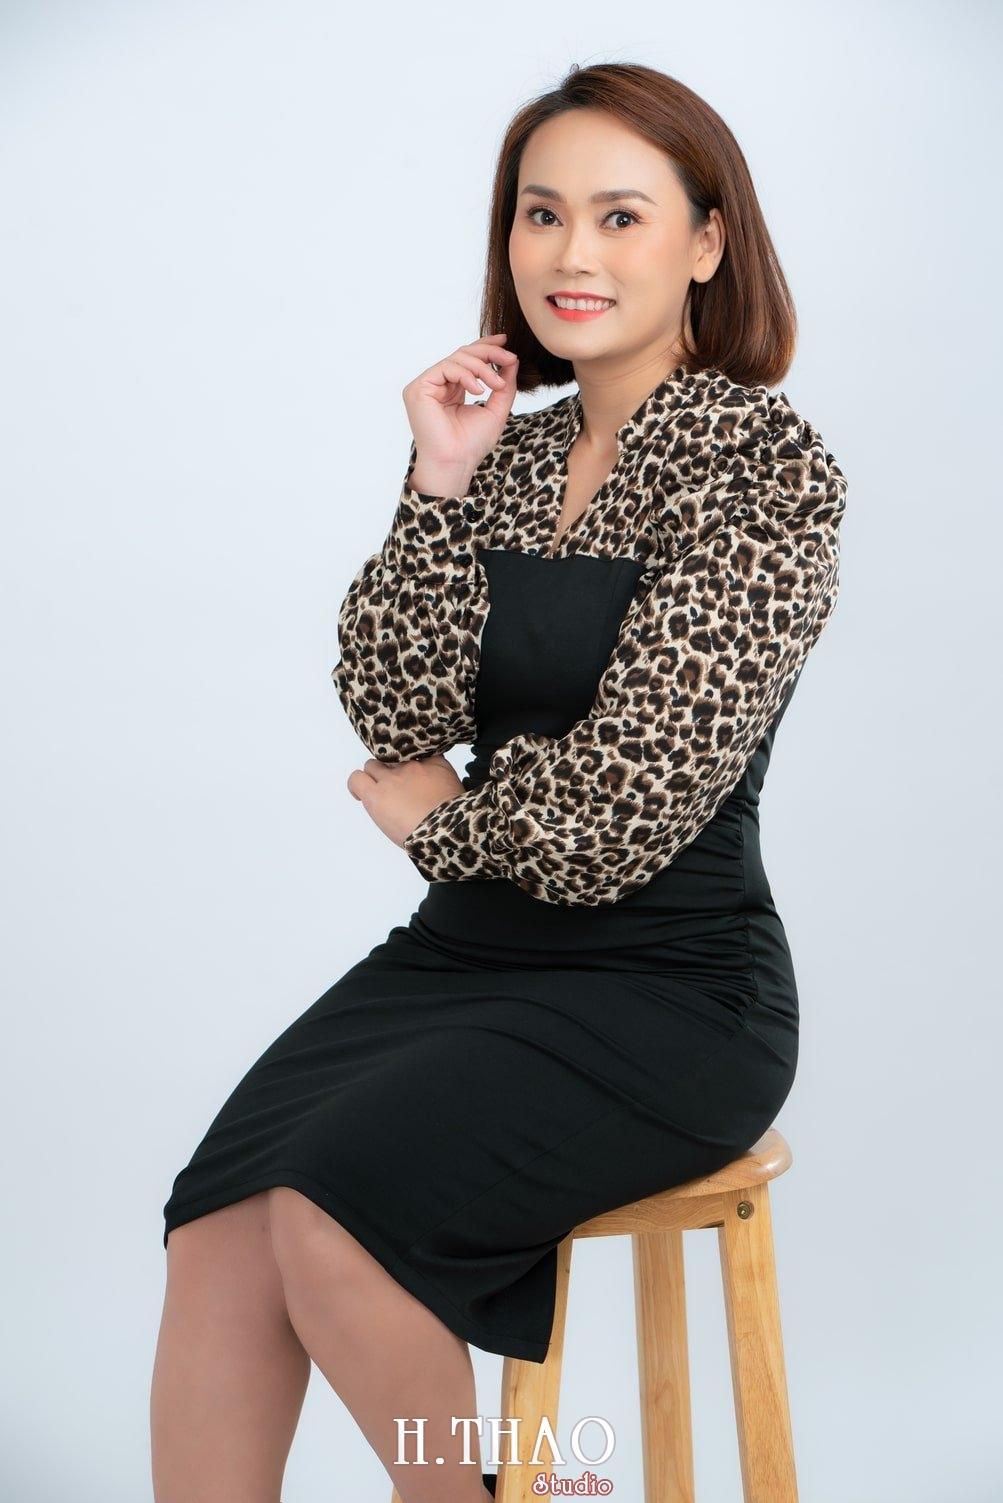 Anh Profile 9 - Album ảnh doanh nhân nữ: chị Kim đẹp nhẹ nhàng - HThao Studio